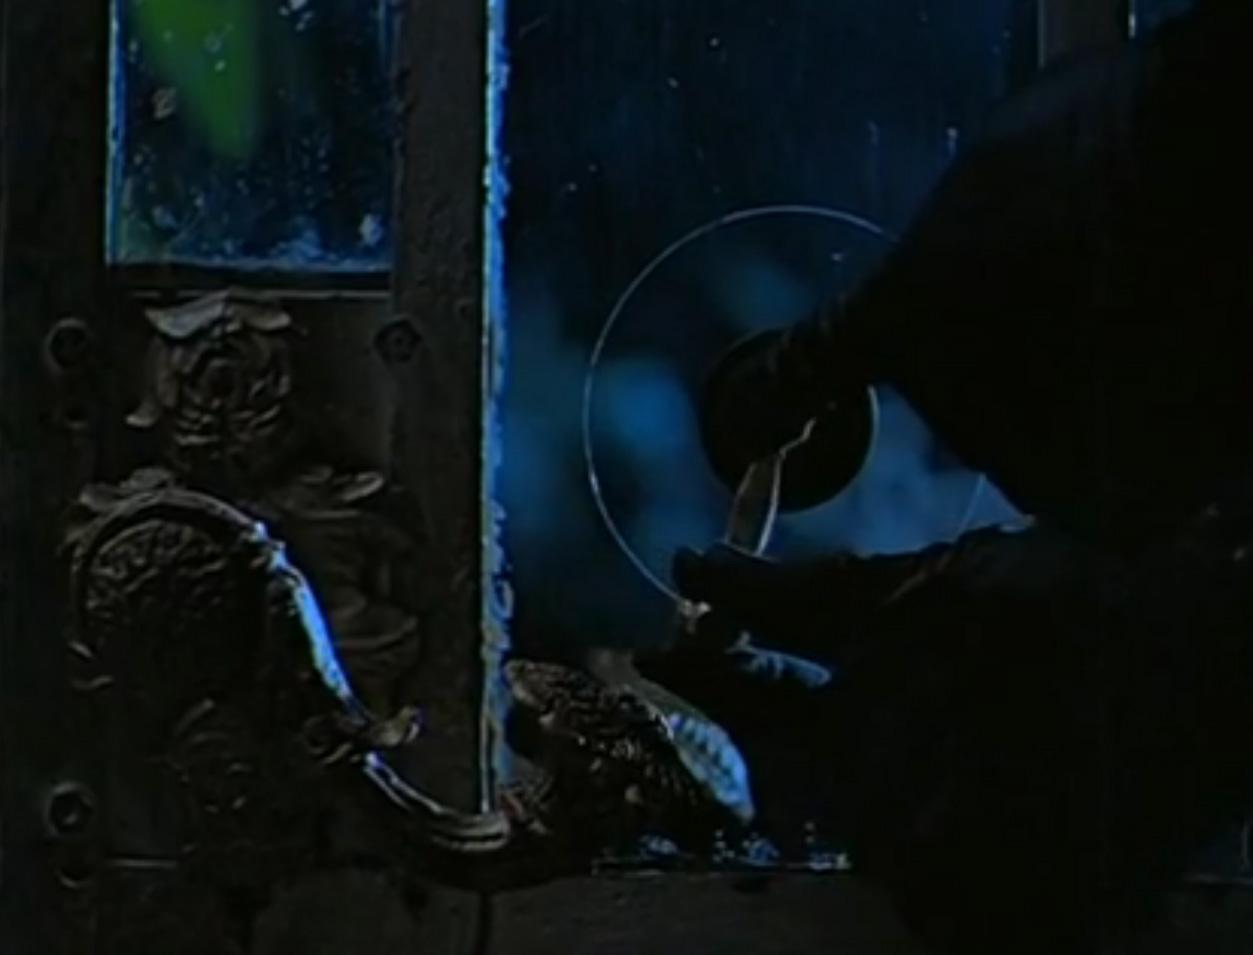 где снимали шеклока холмса